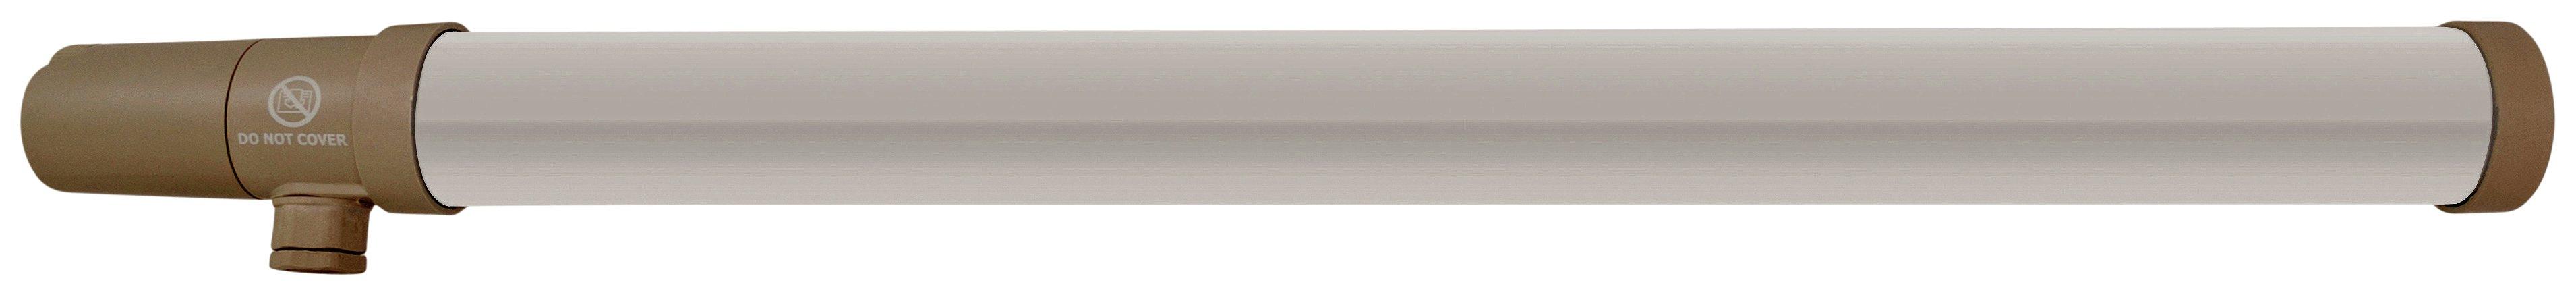 Dimplex Winterwarm WWTH2FT 0.08kW Tube Heater